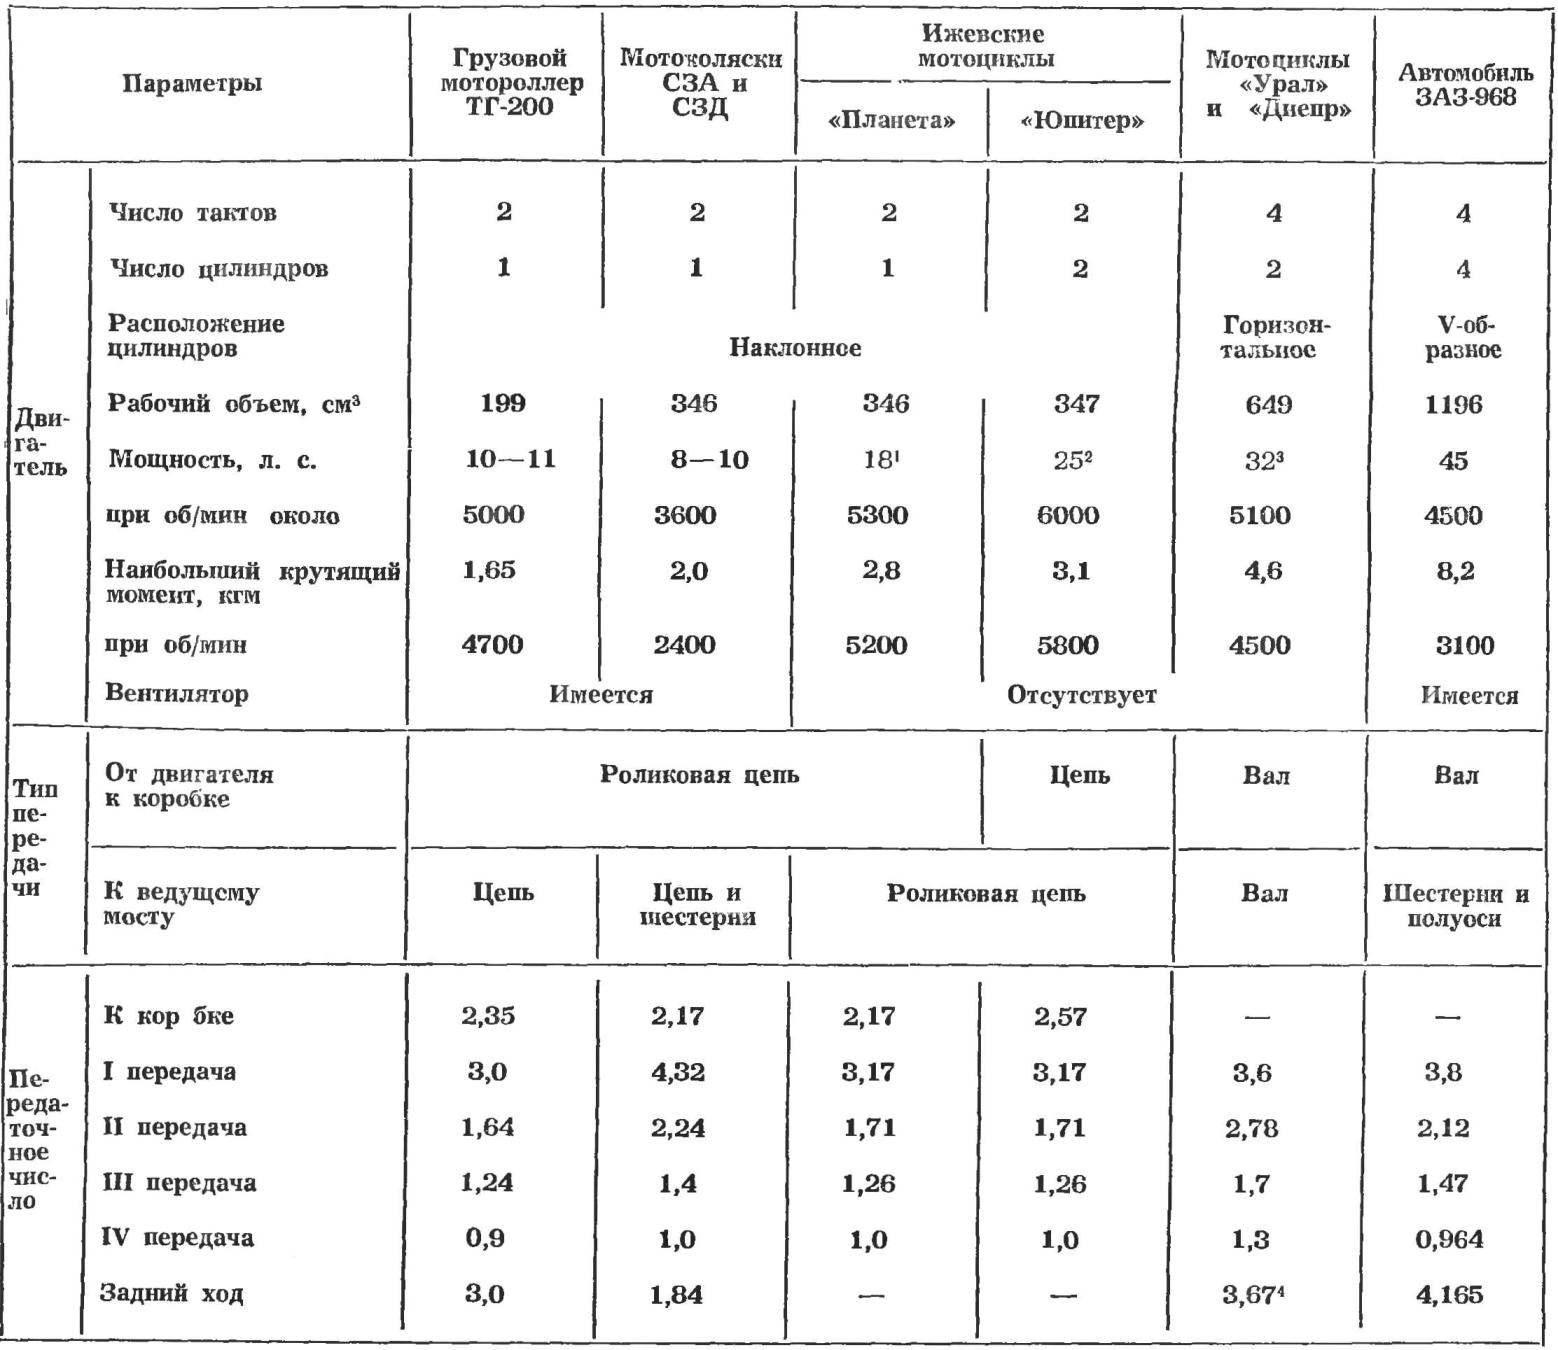 Таблица 1. ДАННЫЕ ПО СИЛОВЫМ АГРЕГАТАМ